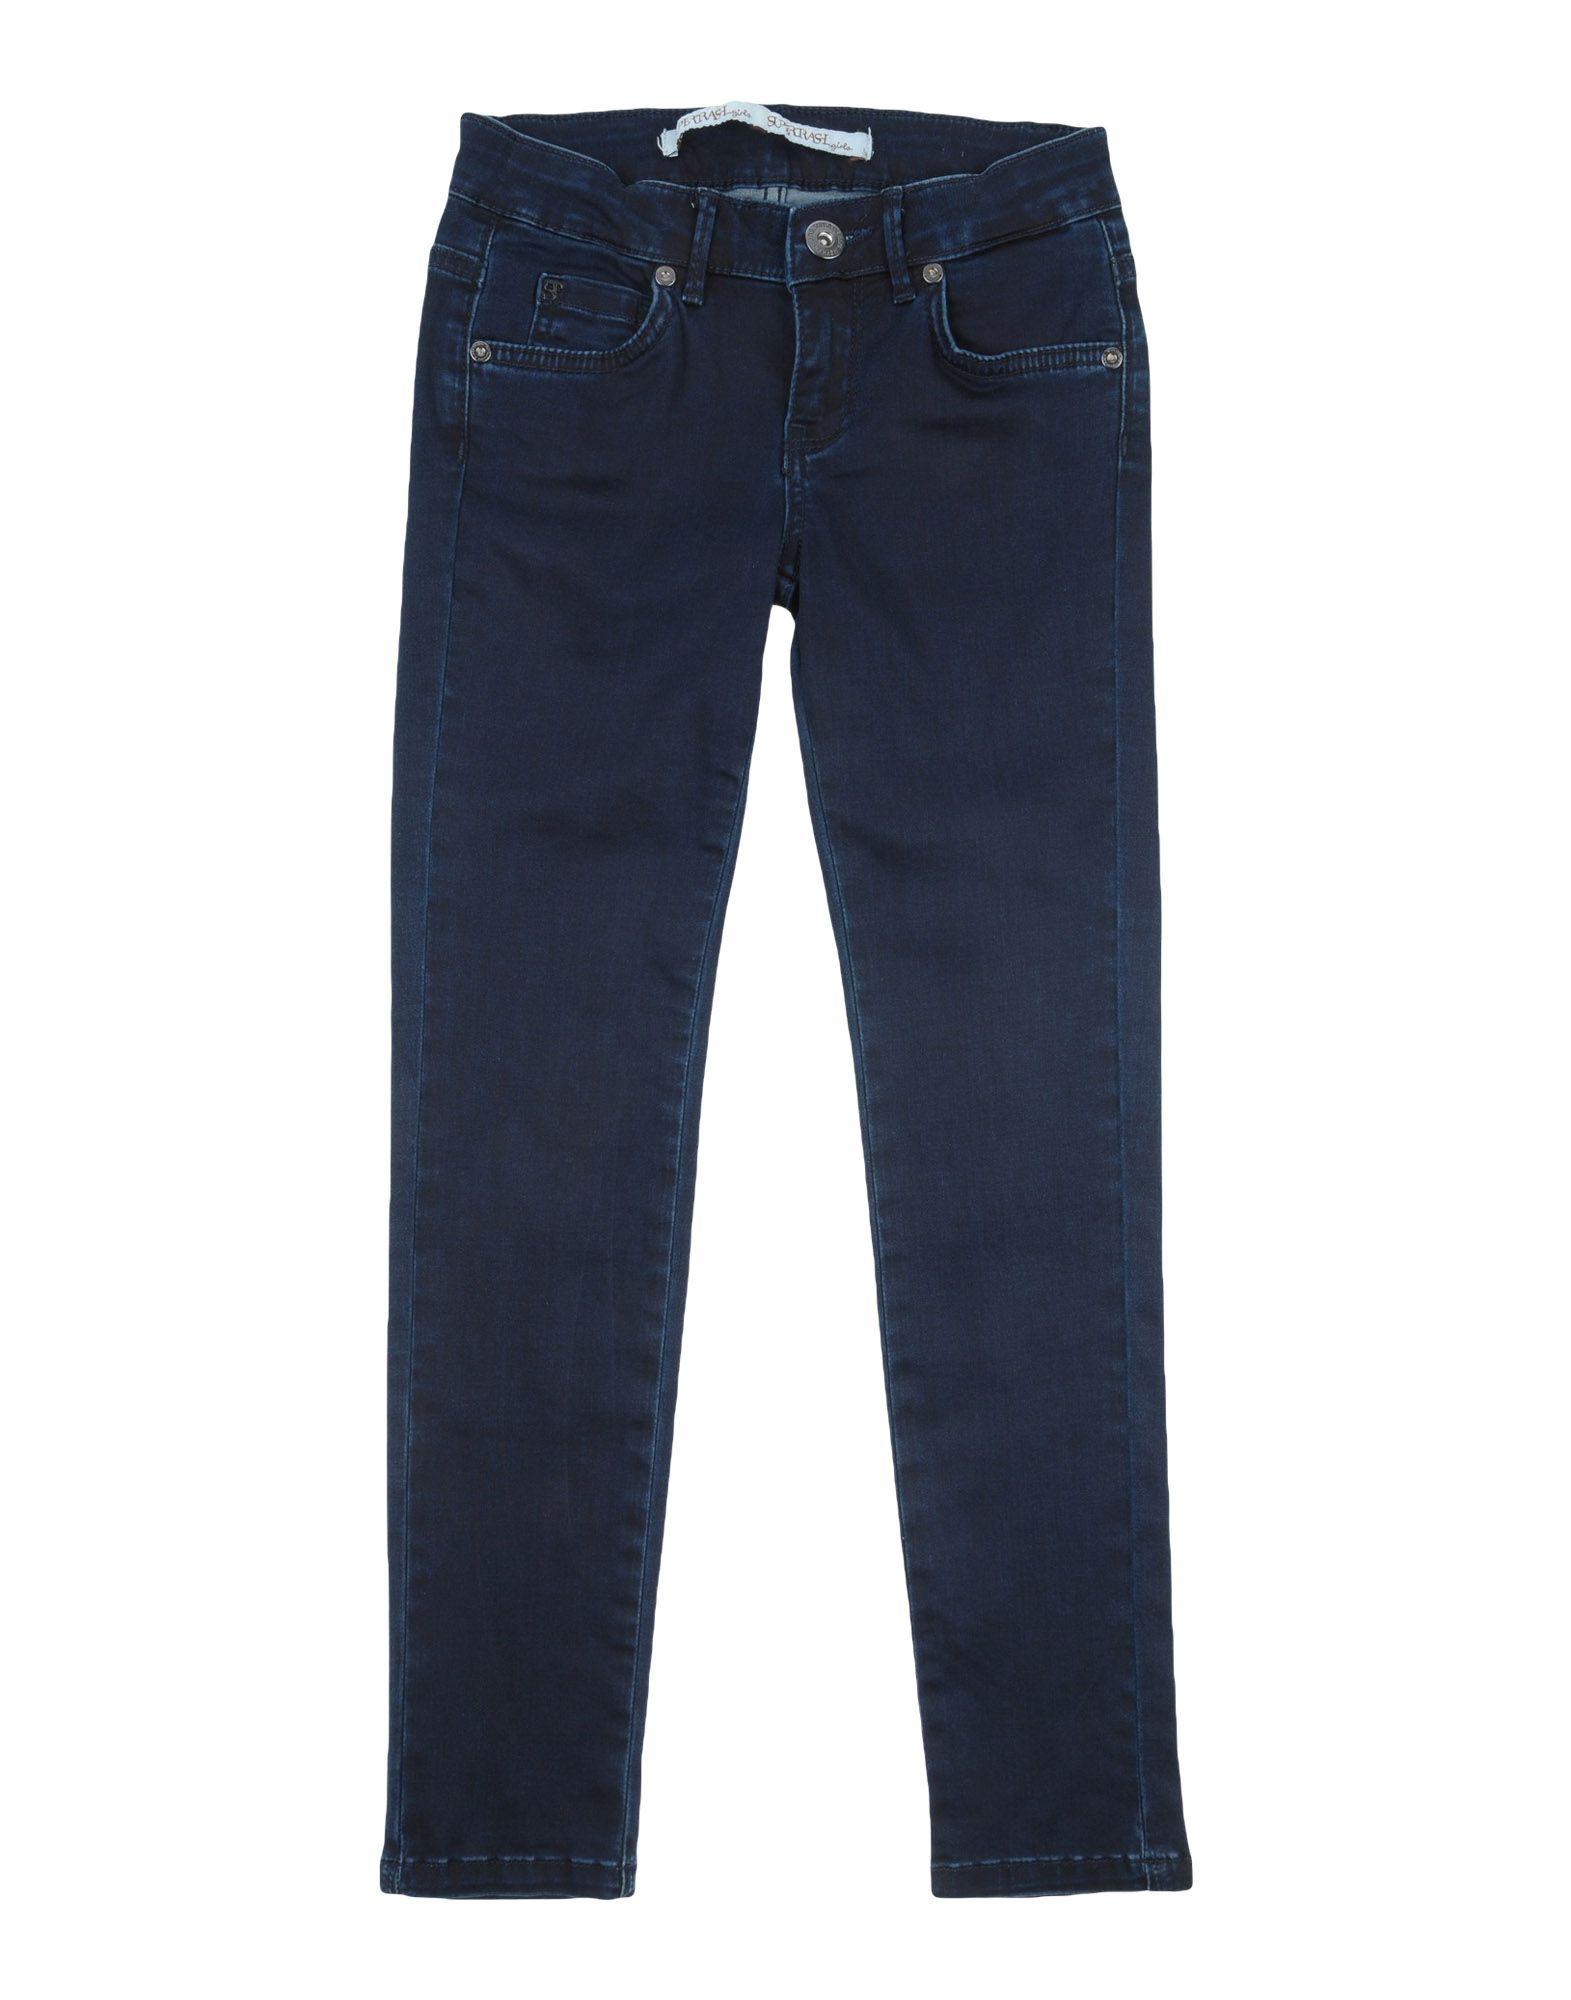 Фото - SUPERTRASH GIRLS Джинсовые брюки supertrash легинсы